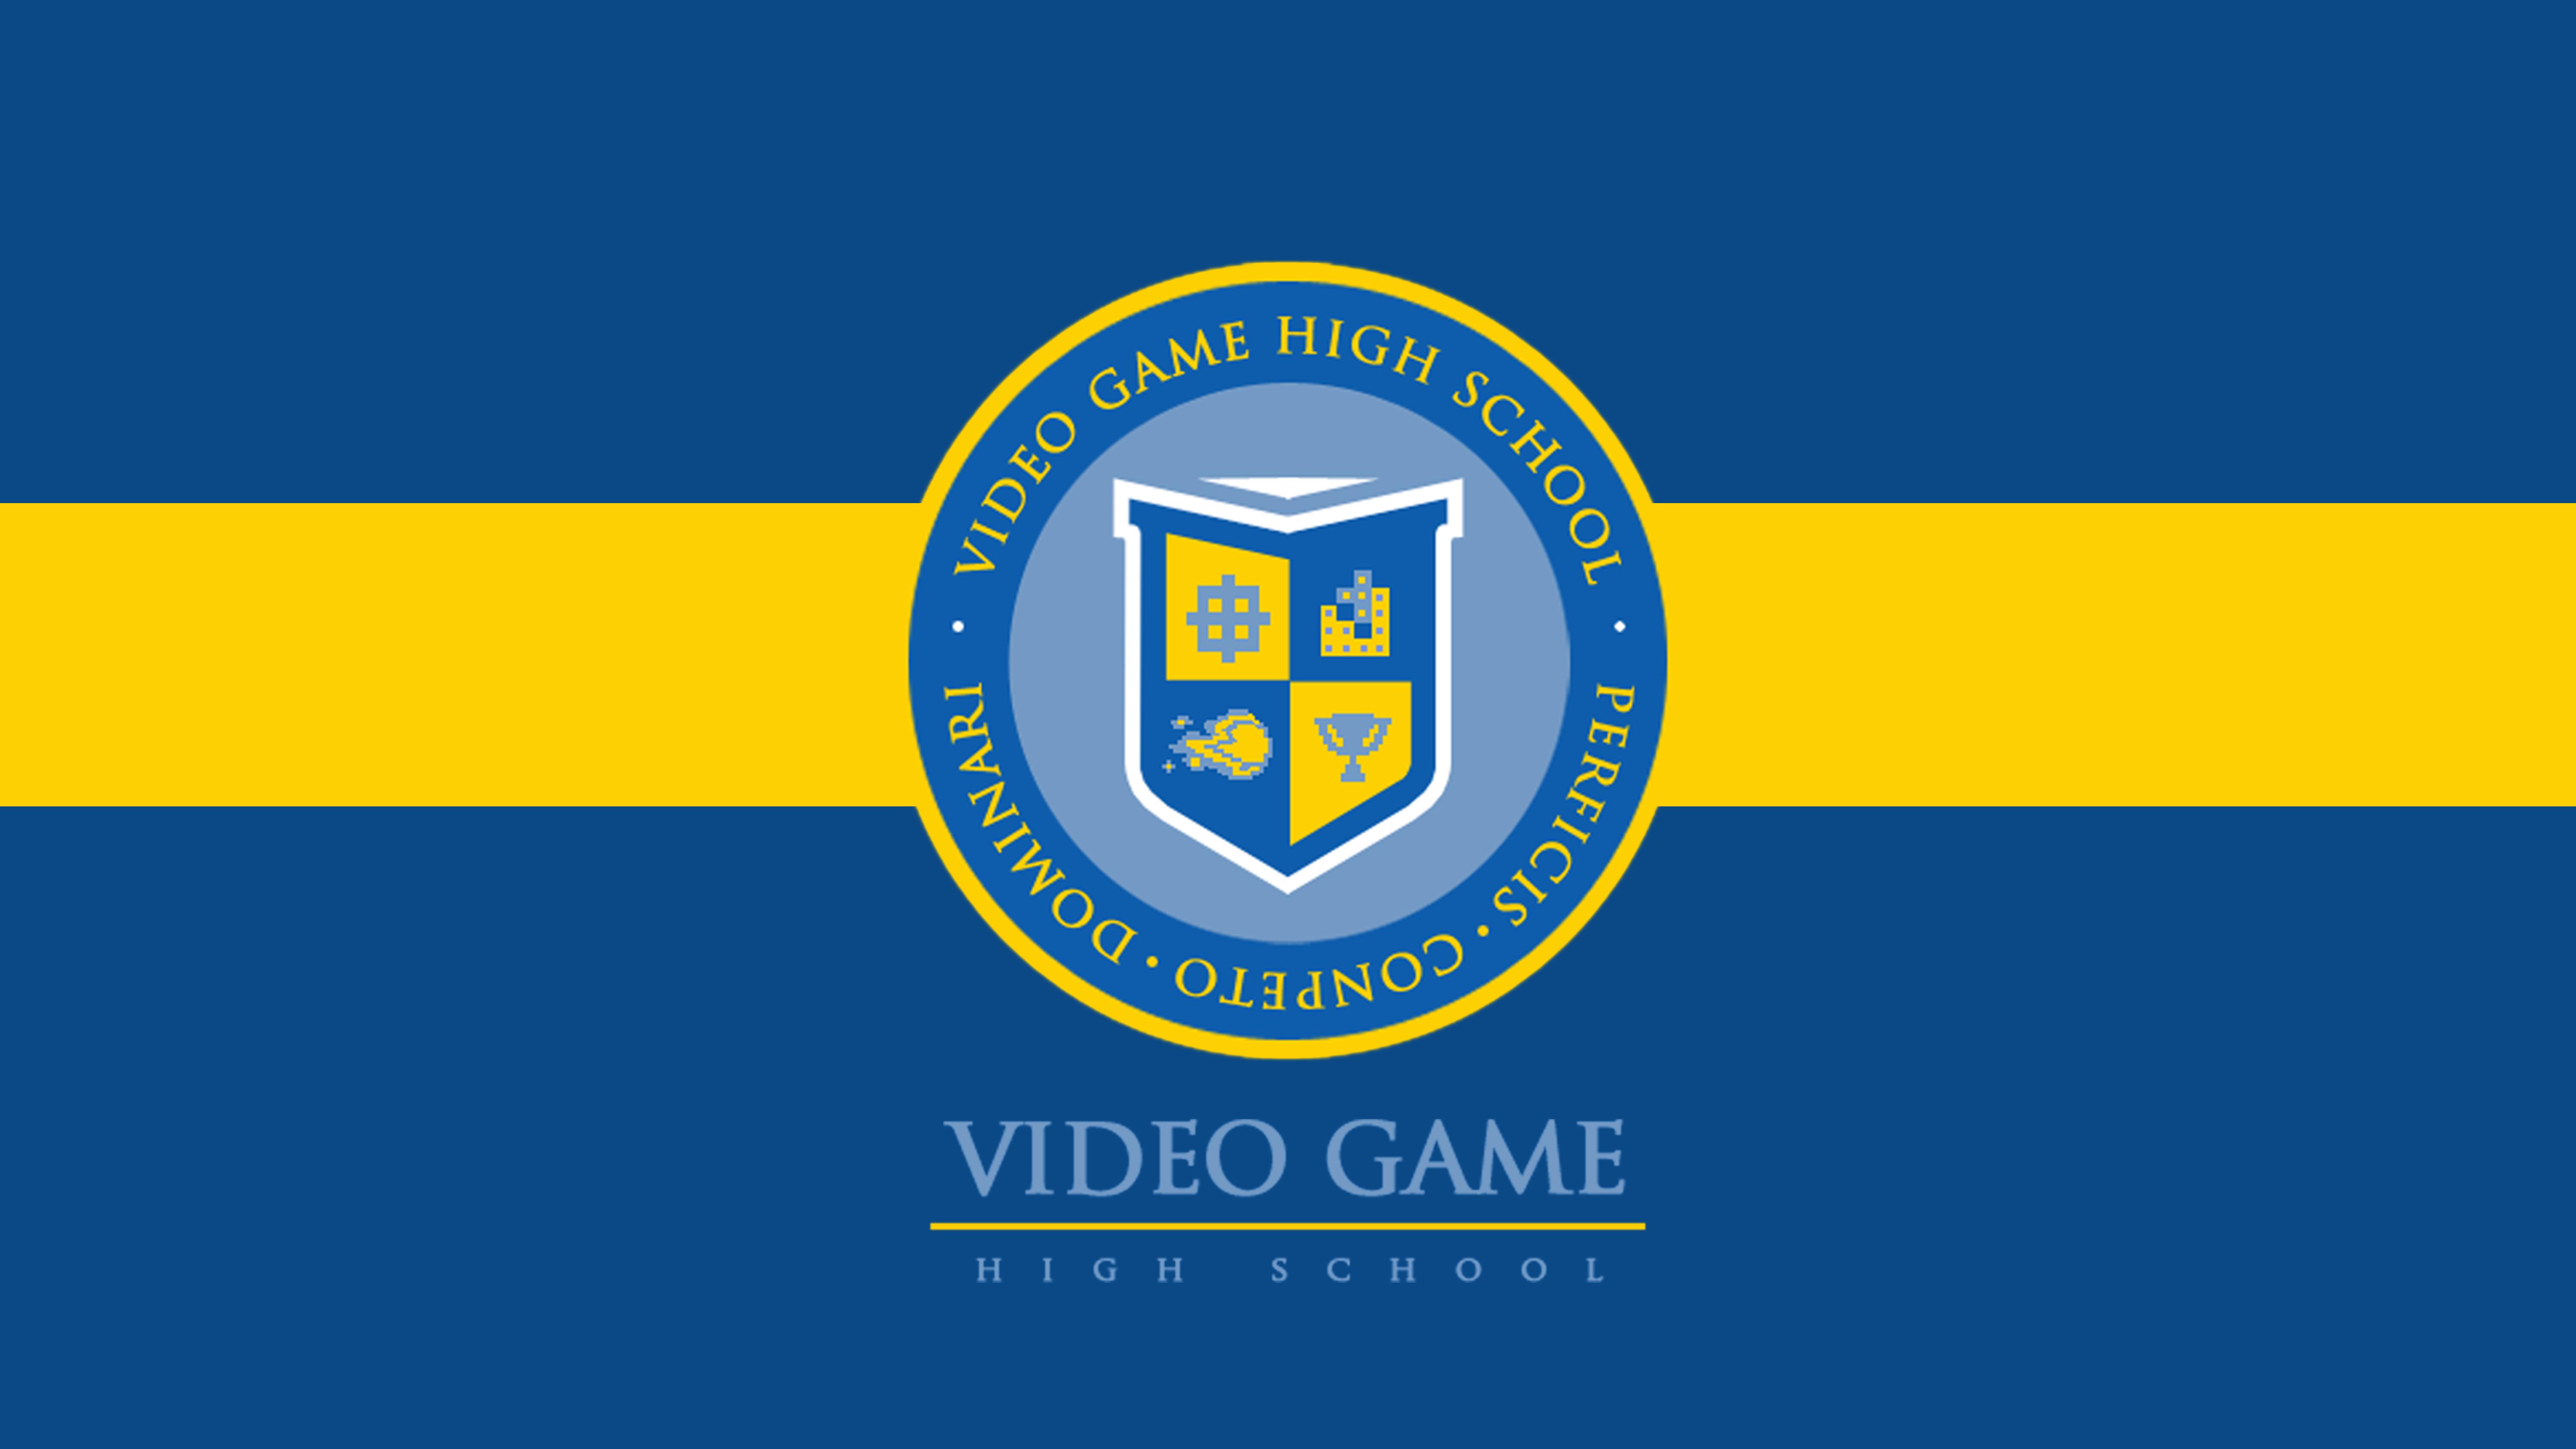 VGHS Logo Wallpaper 6400x3600